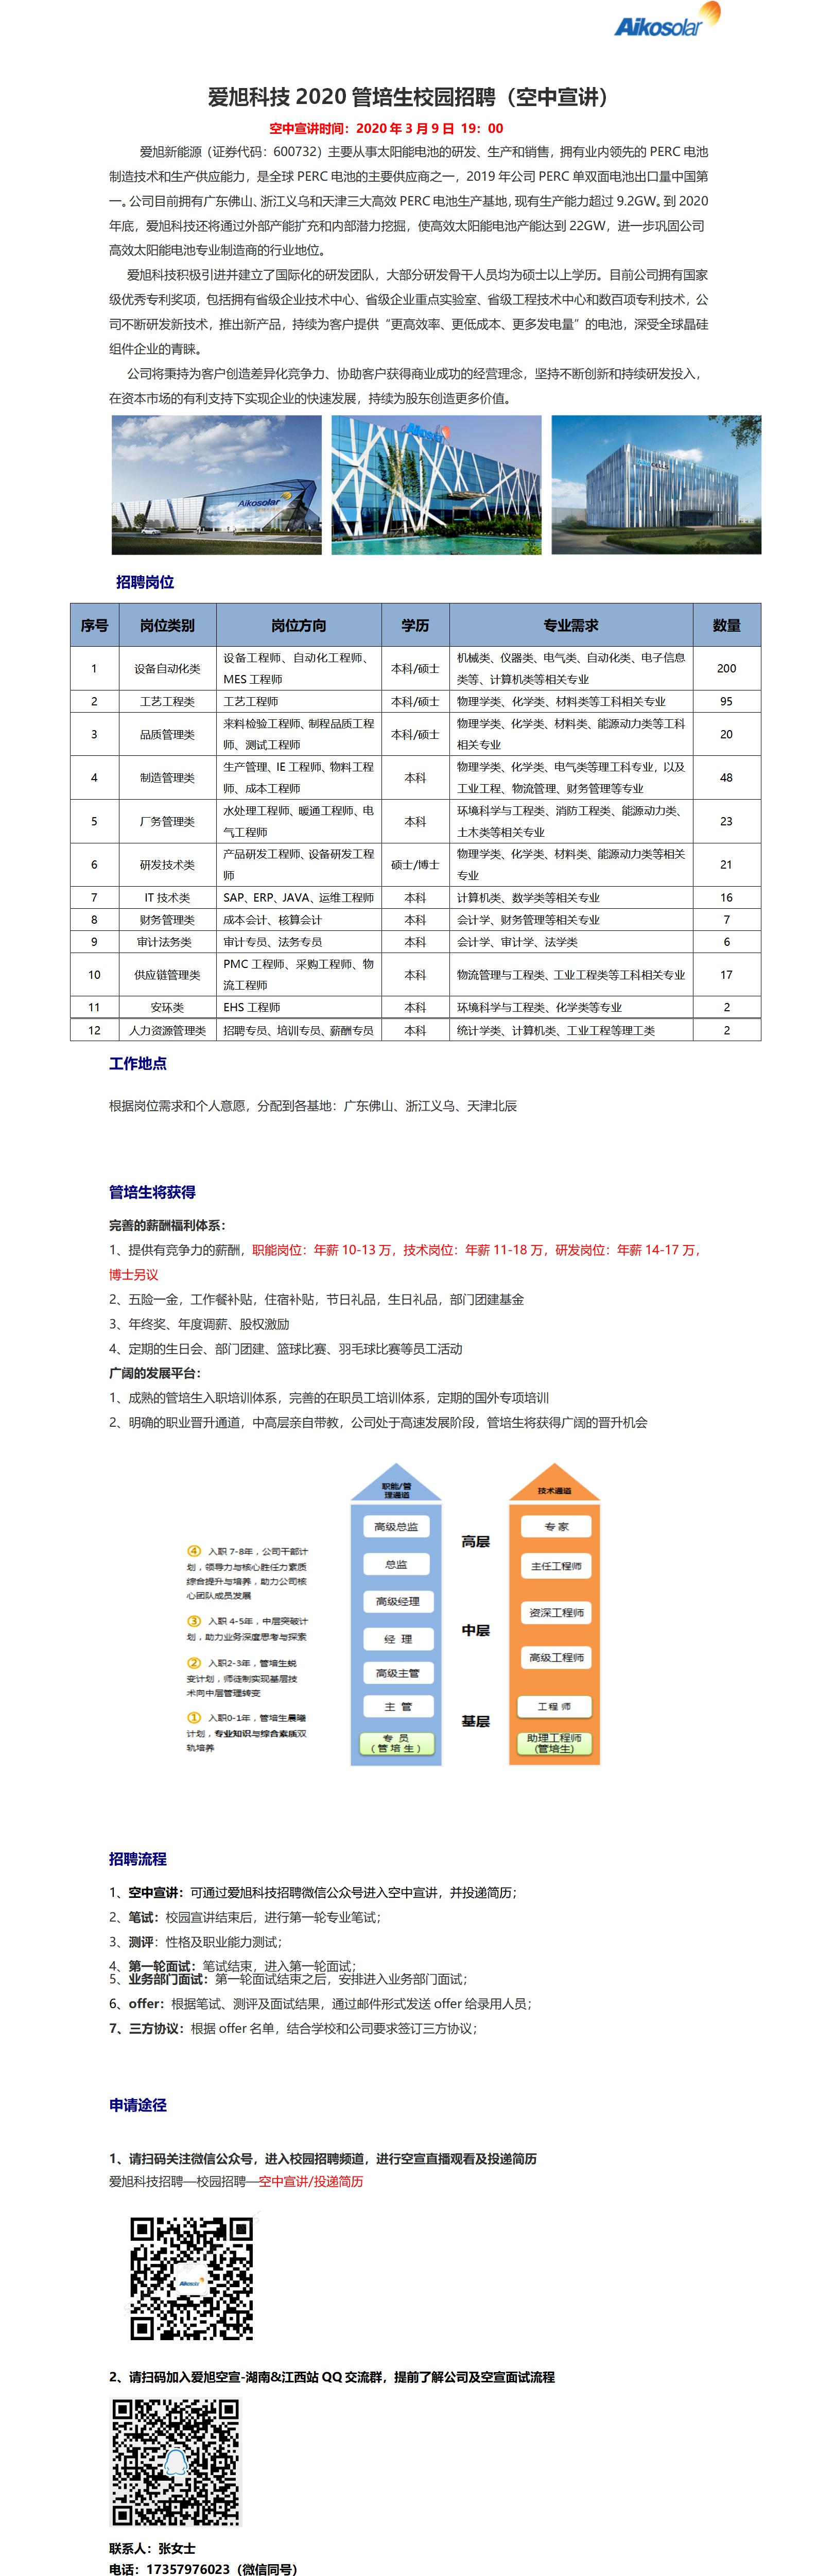 爱旭空中宣讲江西&湖南站招聘简章 .png